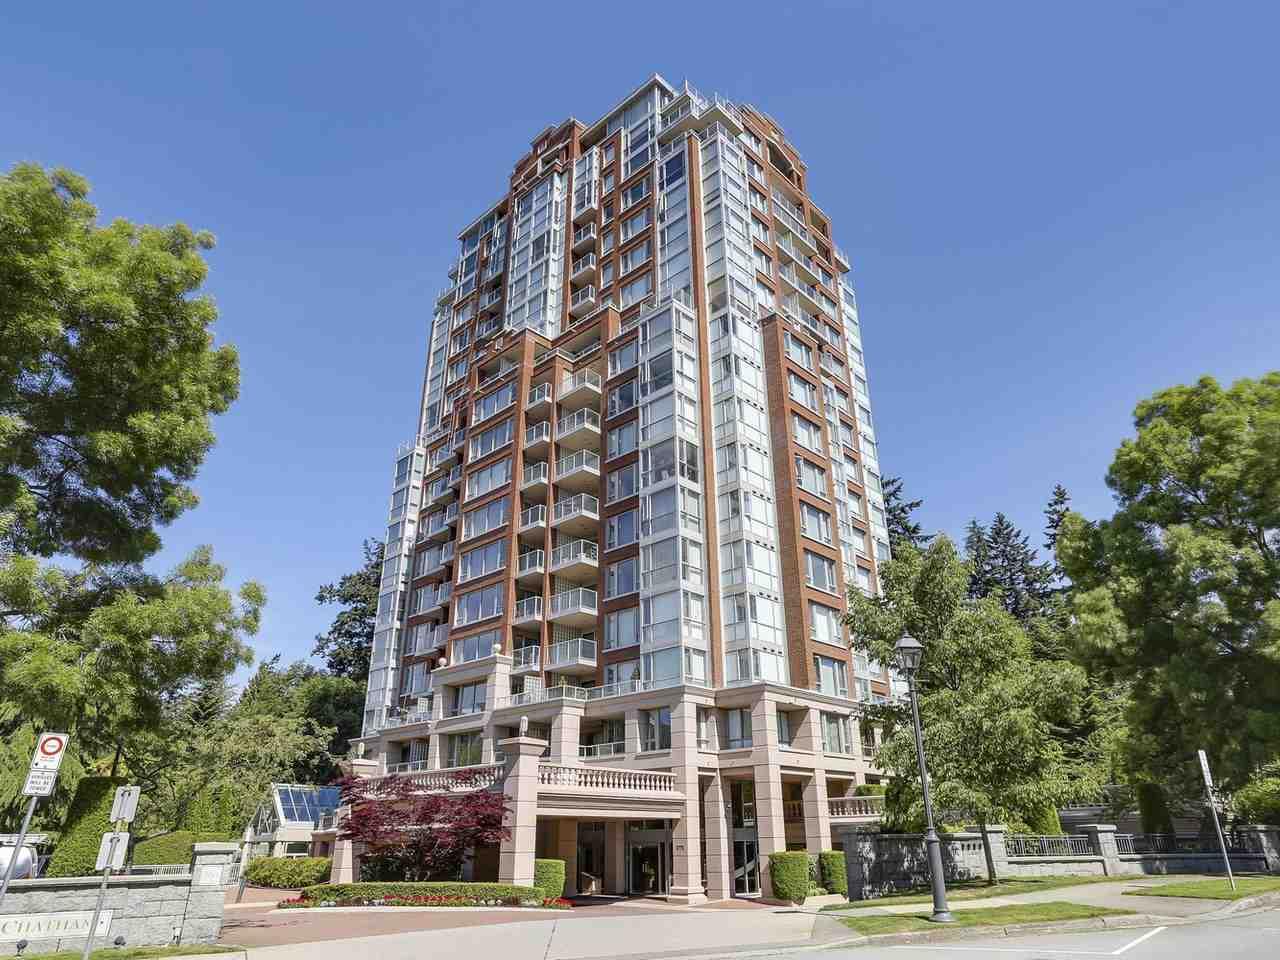 Condo Apartment at 1704 5775 HAMPTON PLACE, Unit 1704, Vancouver West, British Columbia. Image 1